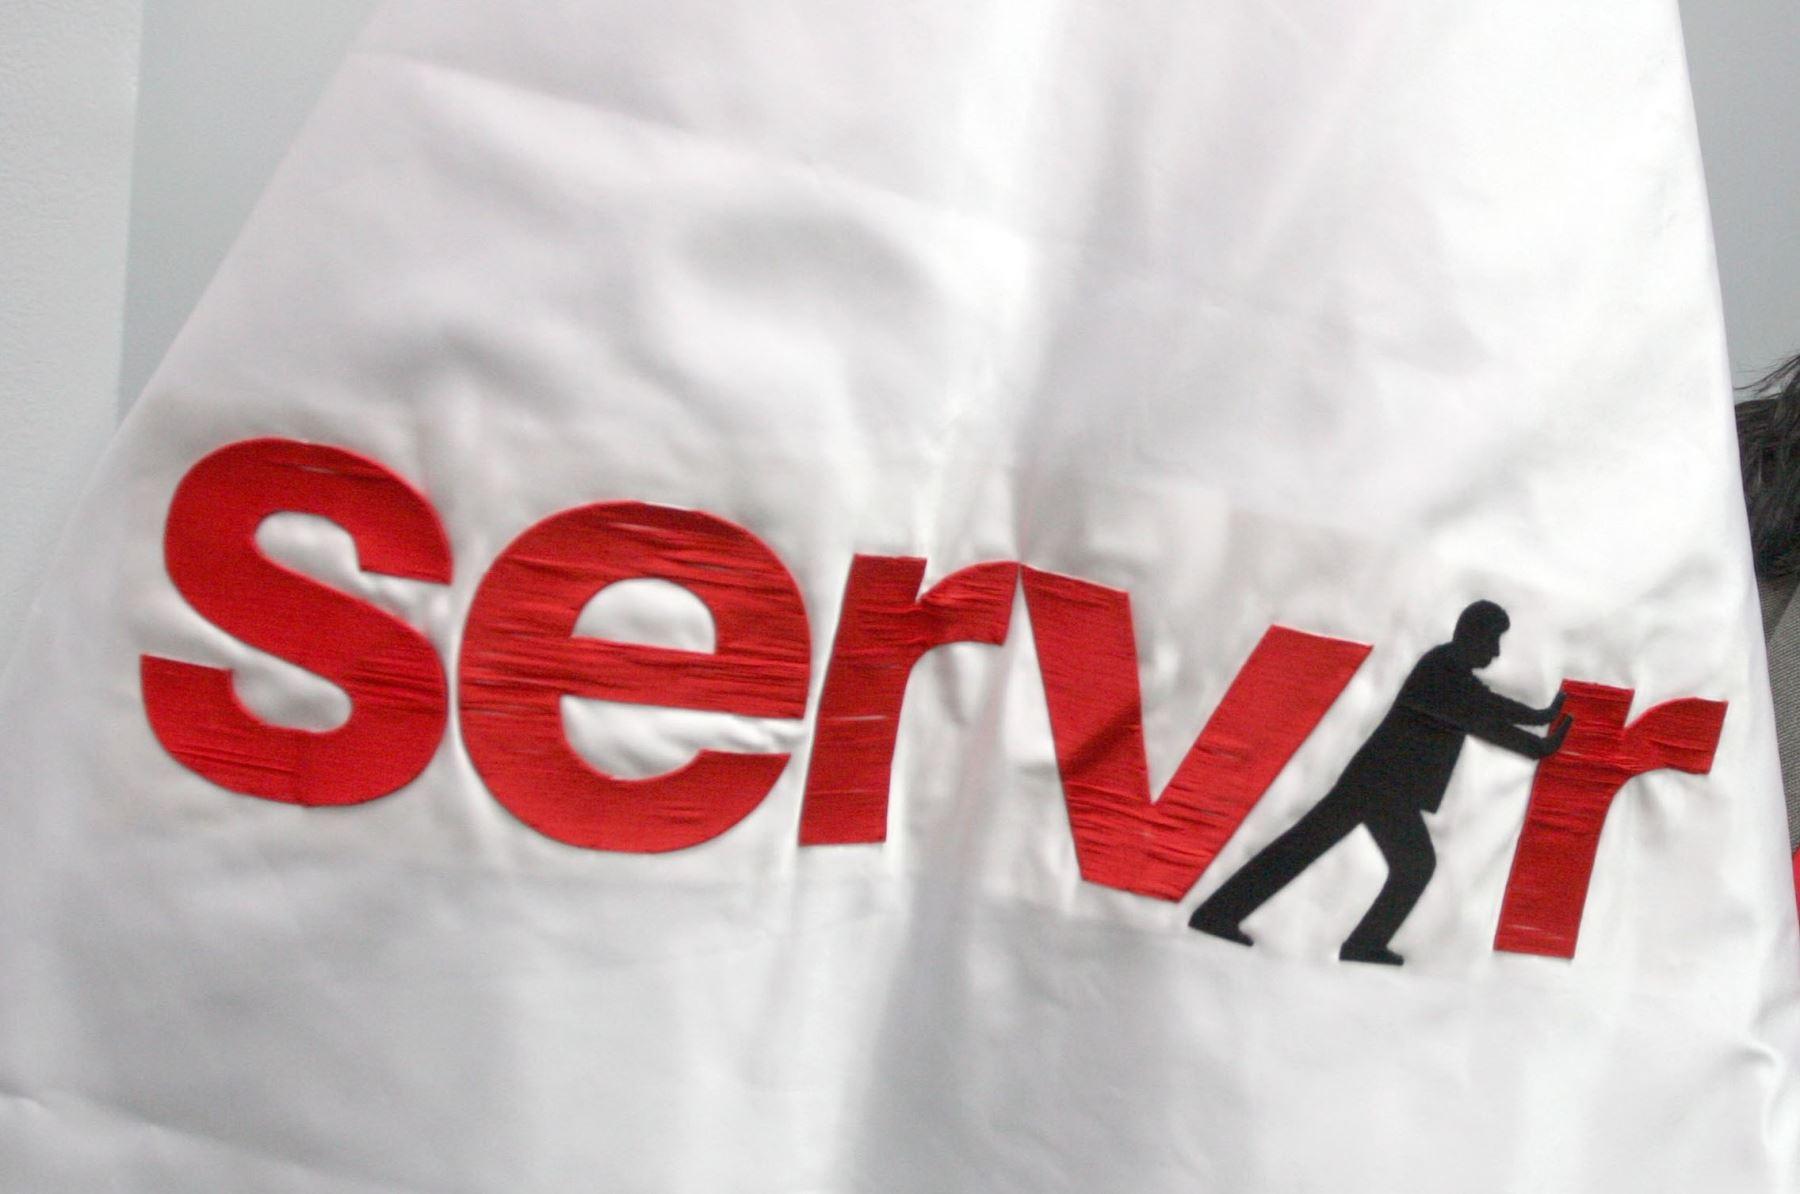 Servir rinde homenaje a empleados públicos